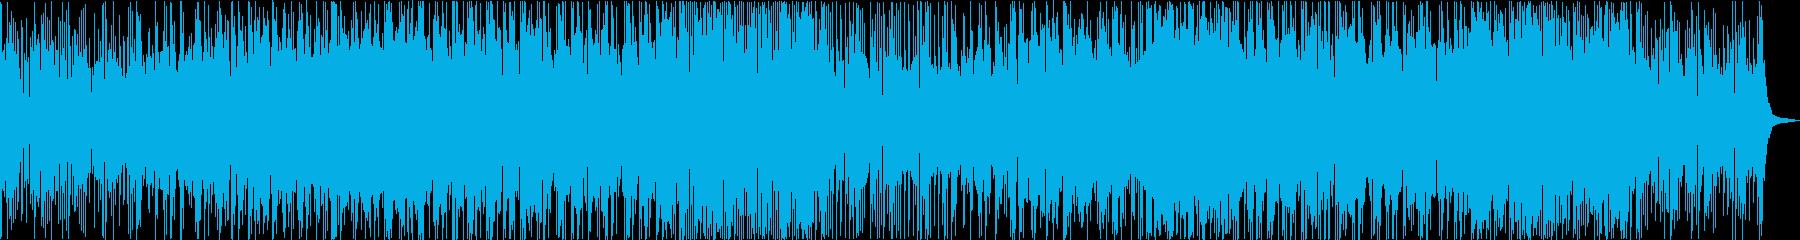 企業VP向け軽やかバイオリンPOPSの再生済みの波形